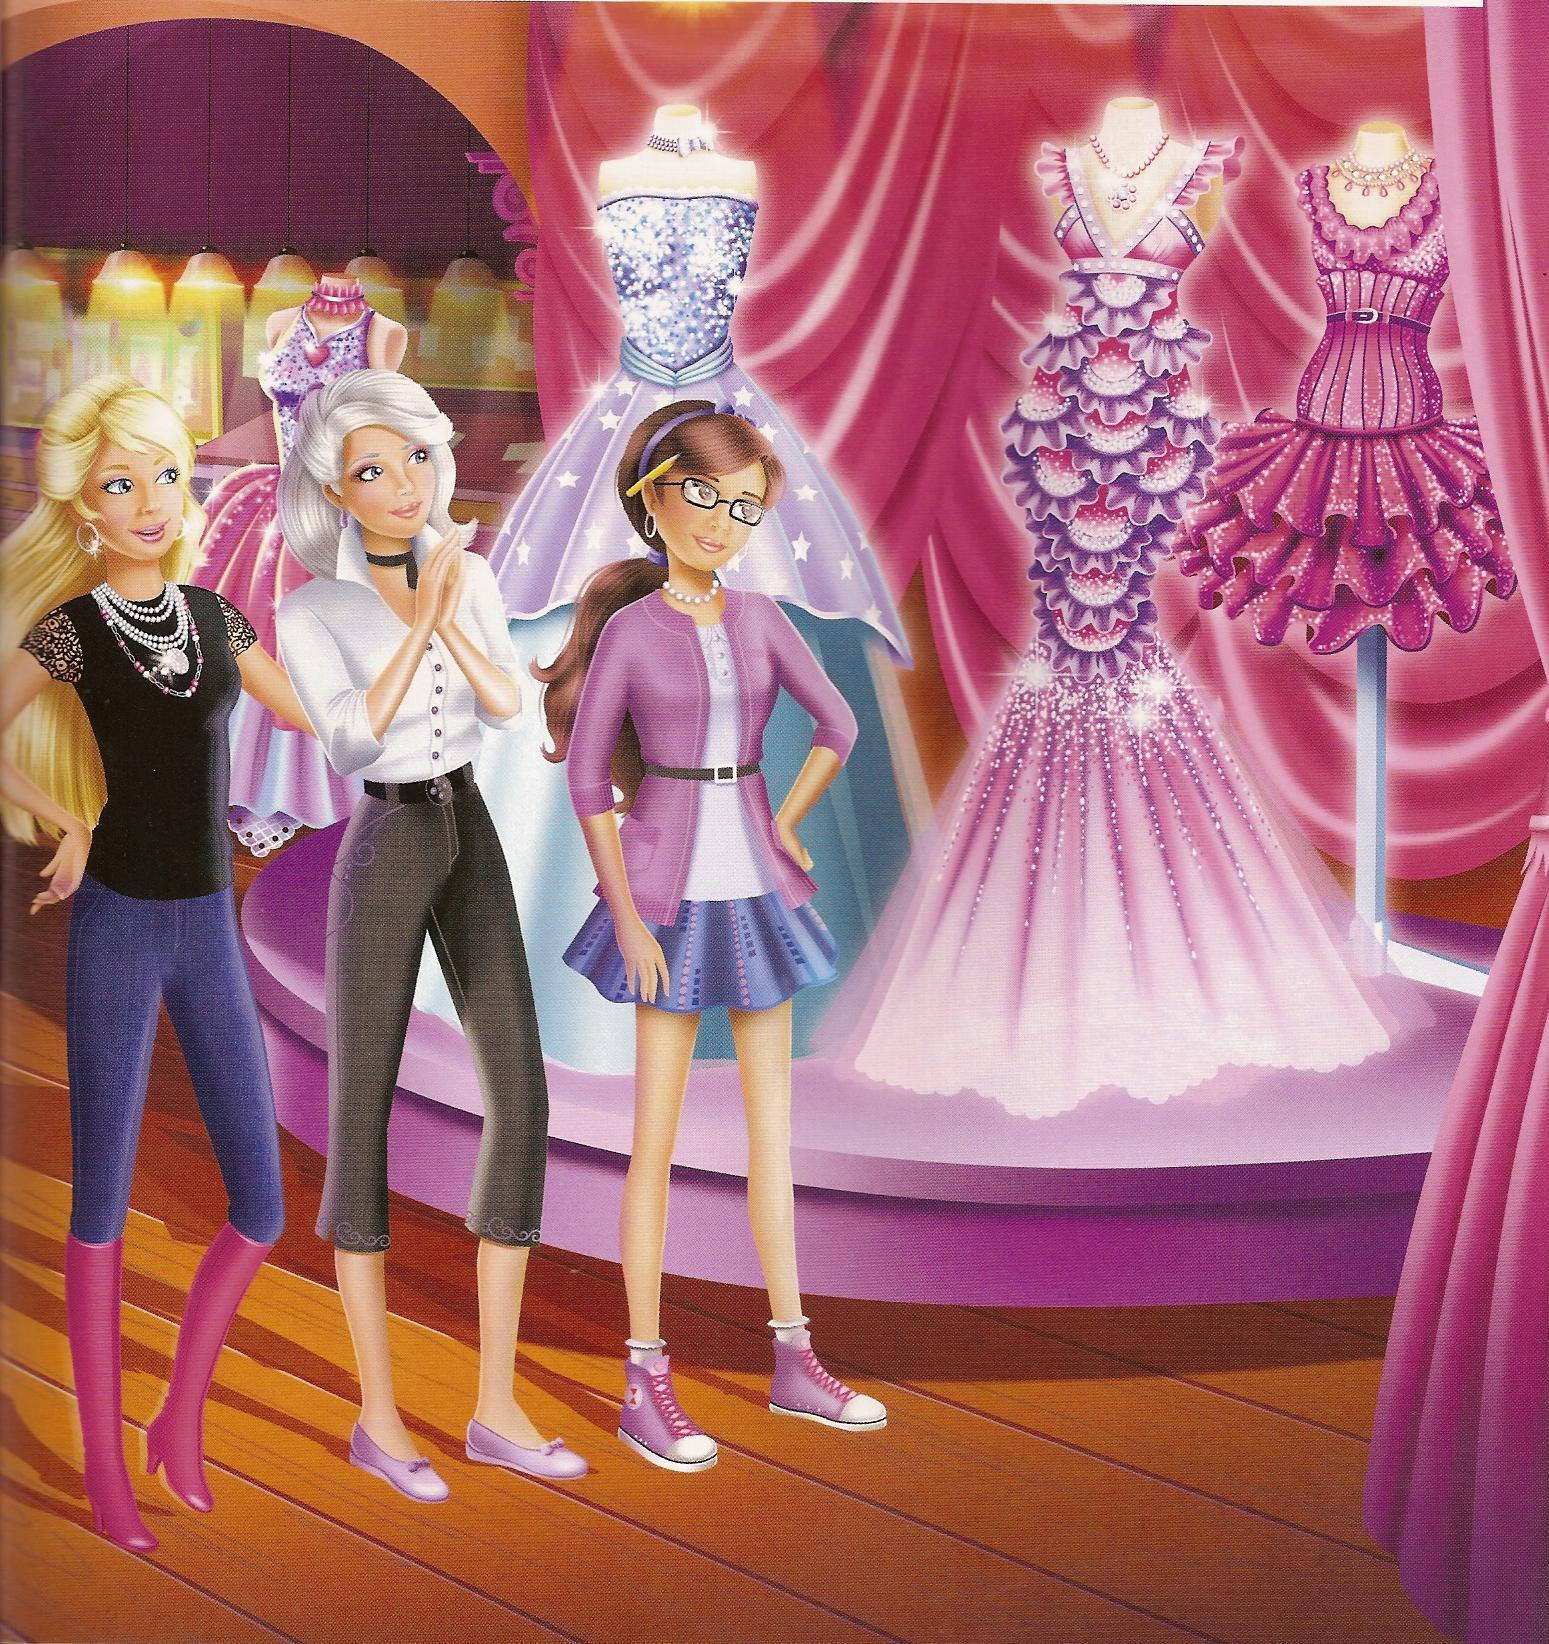 Барби и модная история картинки заходите подписывайтесь